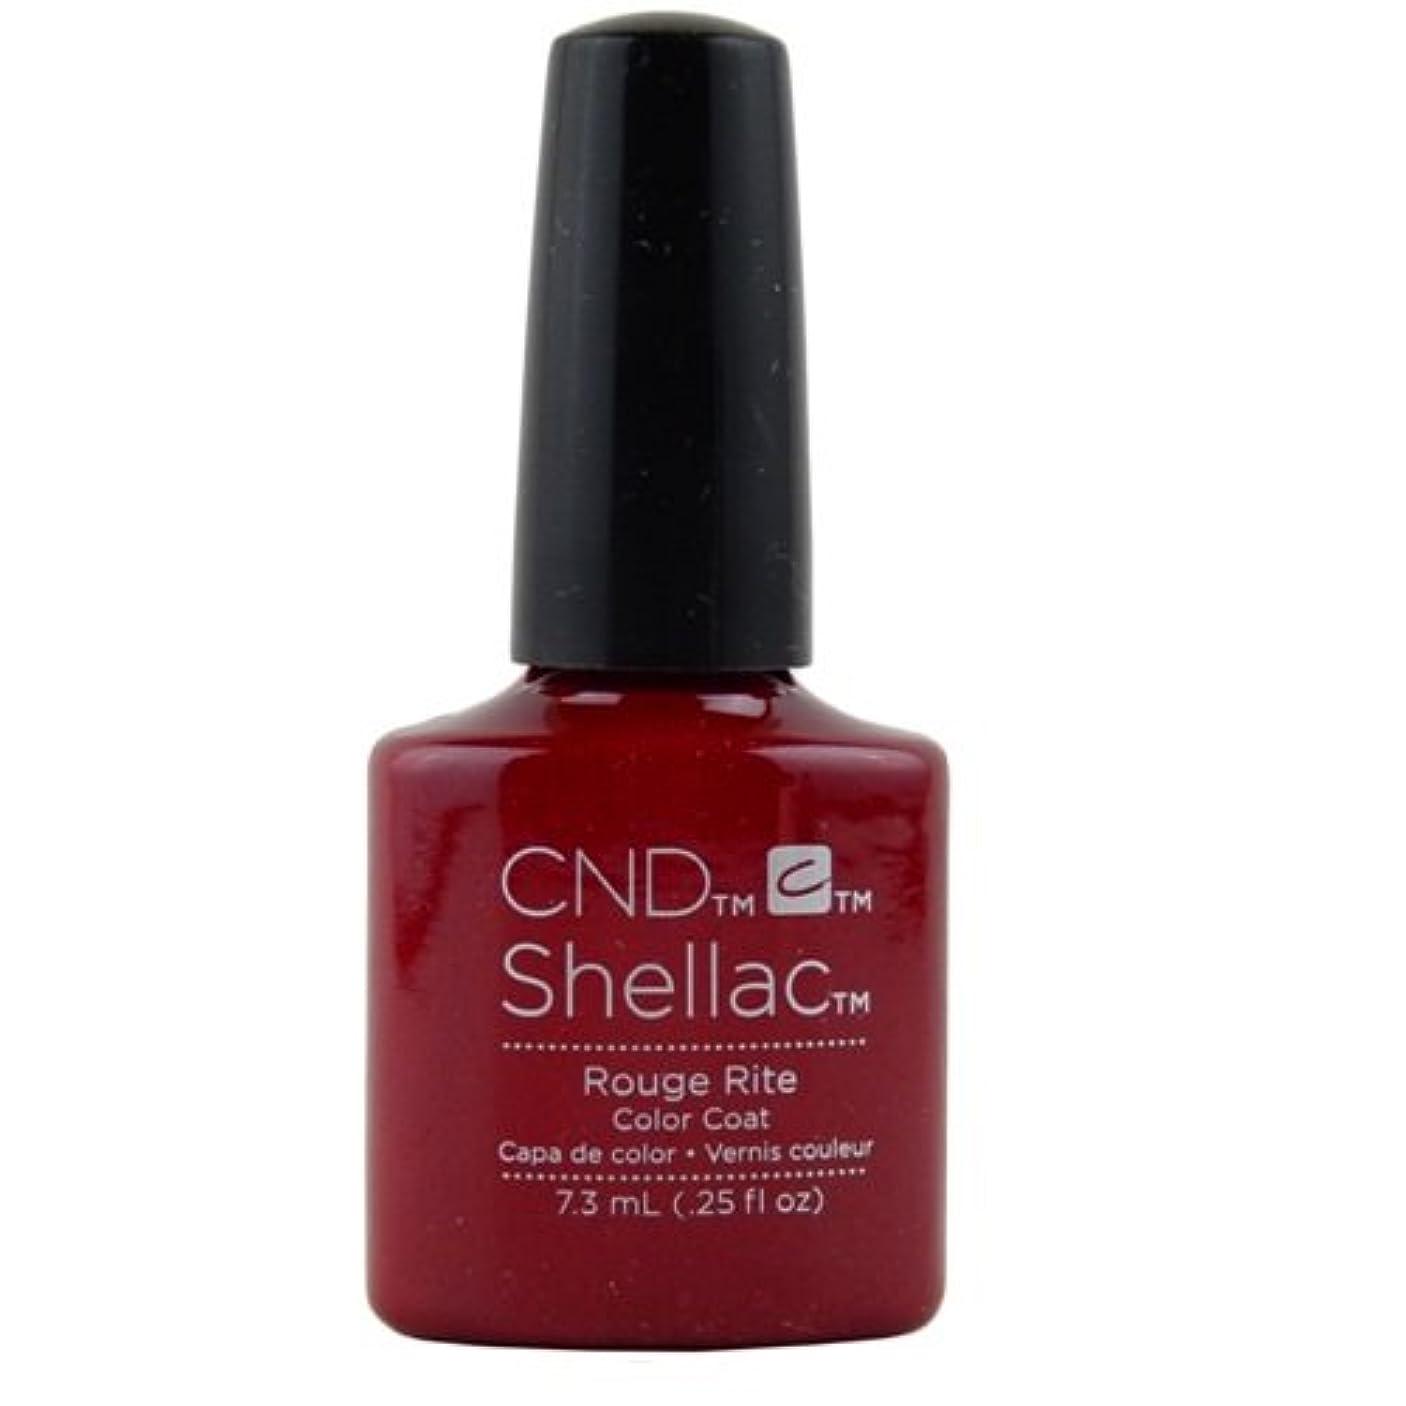 少なくともオンス落ち込んでいるCND Shellac Gel Polish - Rouge Rite - 0.25oz / 7.3ml